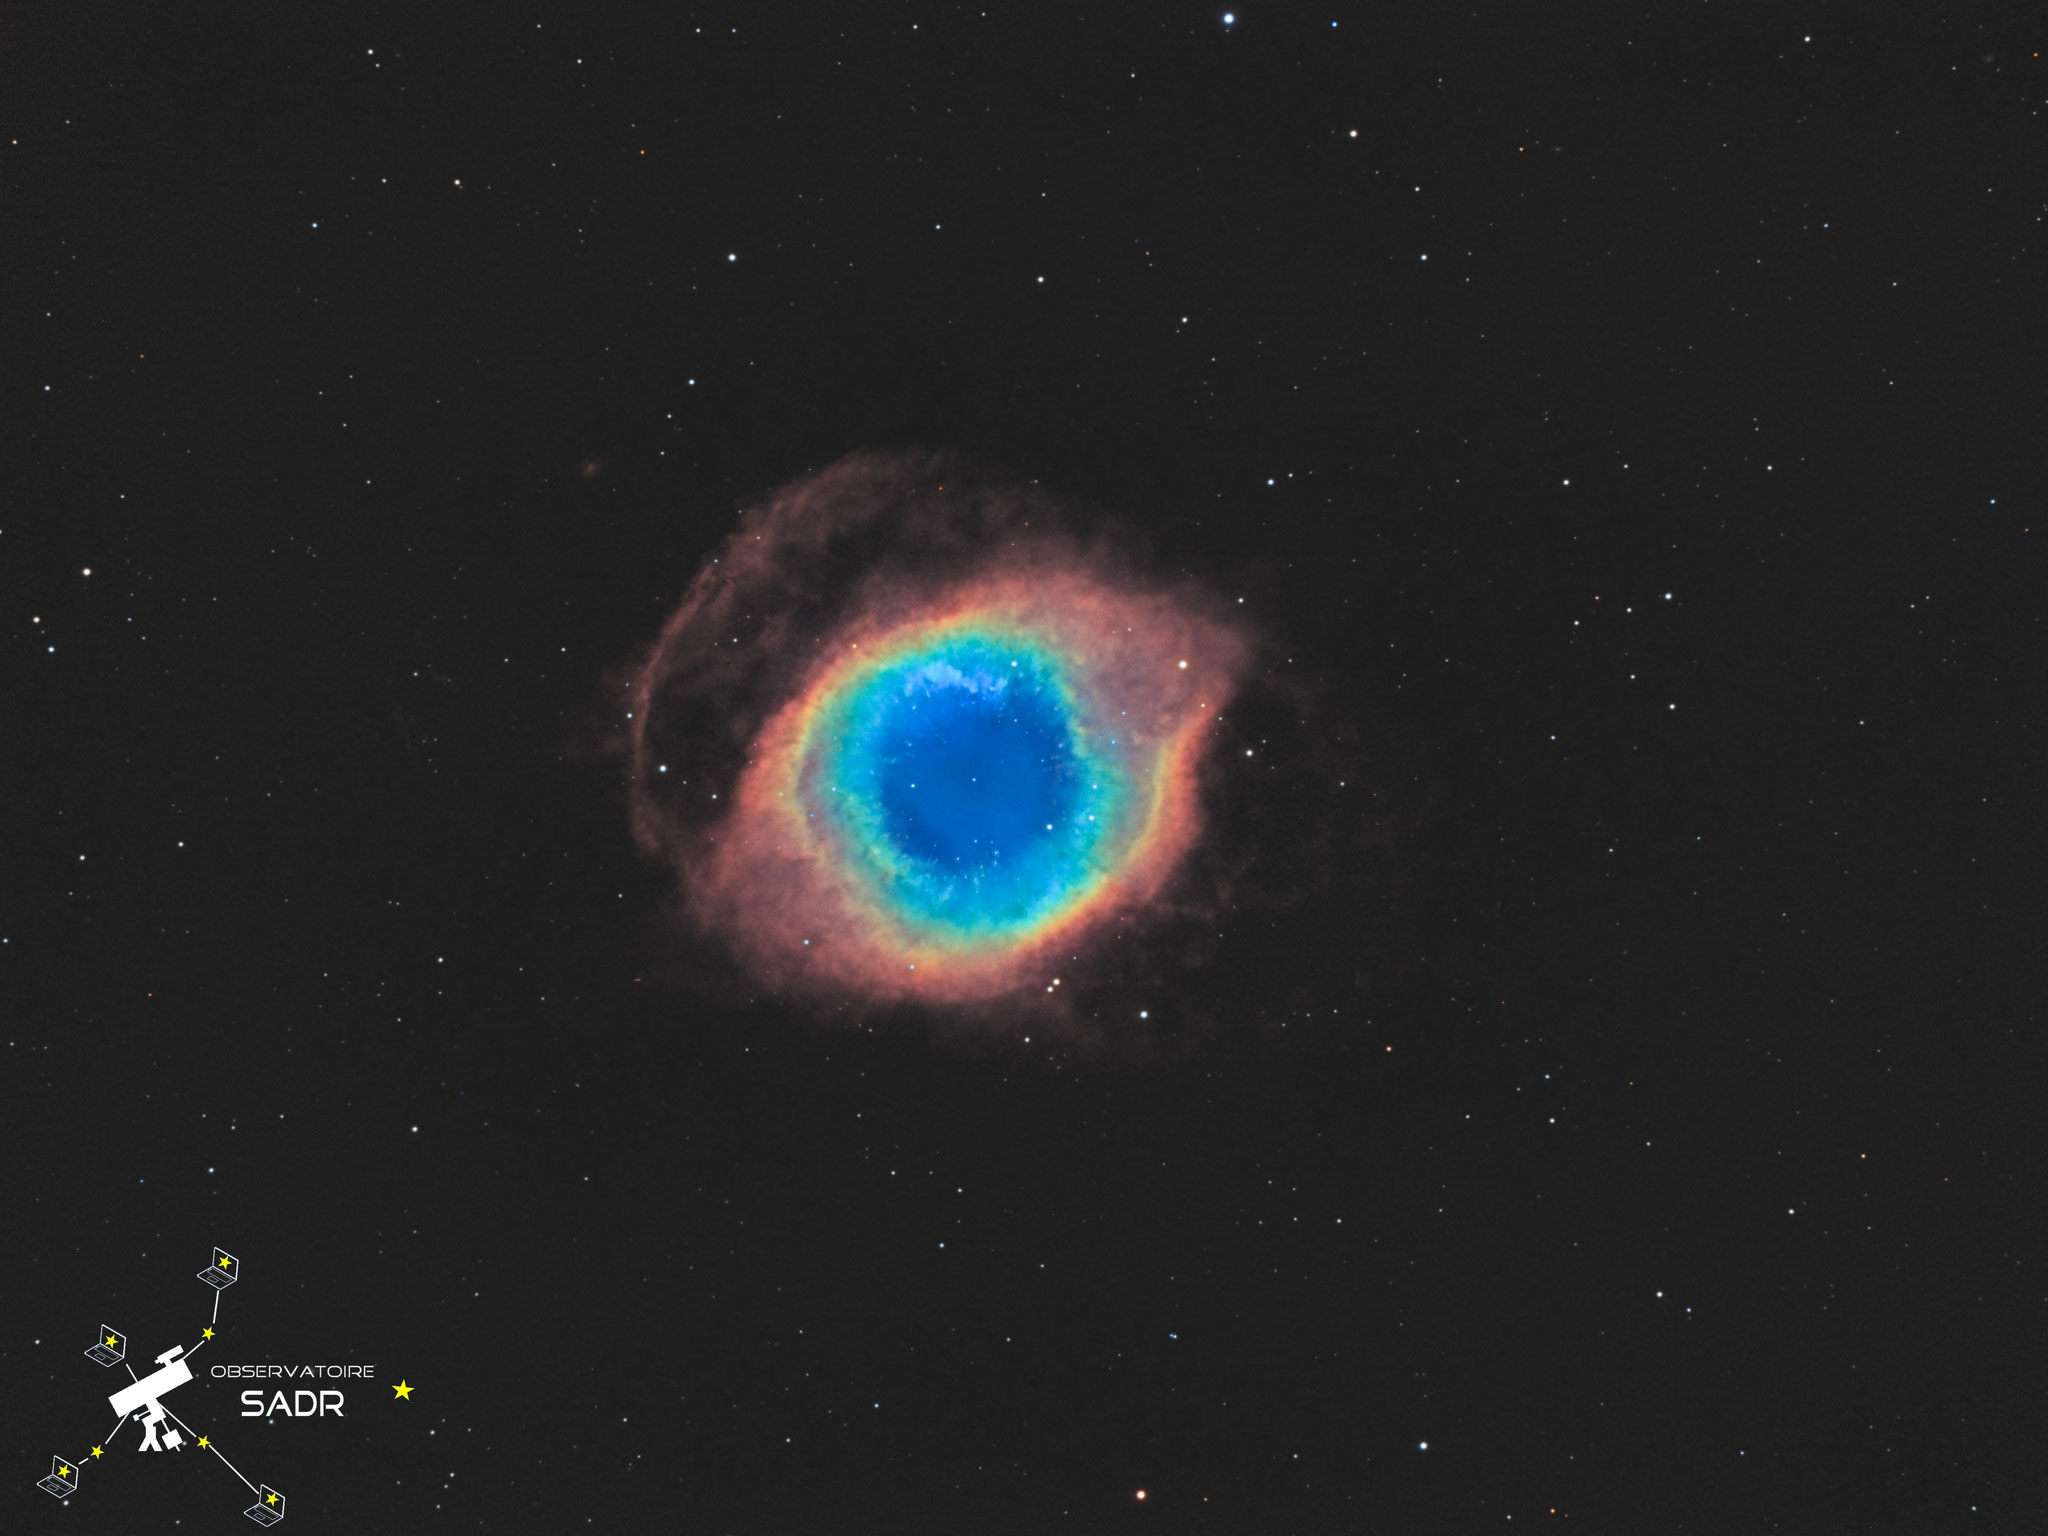 NGC7293, Hélix, lunette 120, 24h de poses en filtres SHO, Sadr Espagne